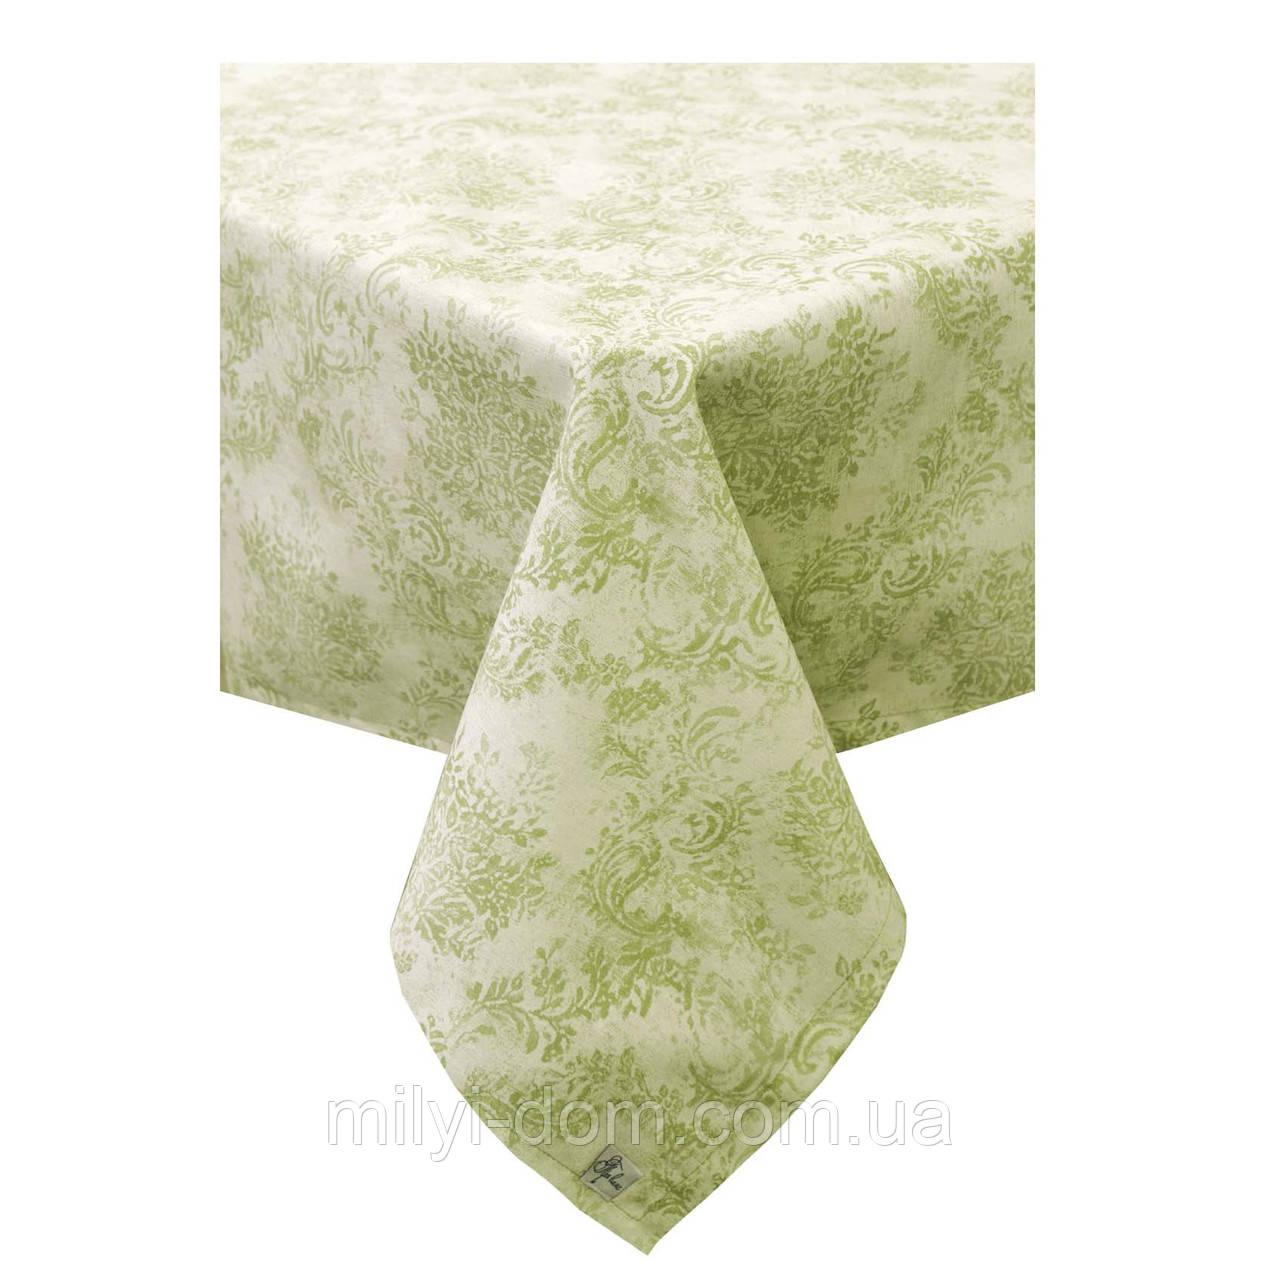 """Скатертина """"Вінтаж зелений"""", 60% бавовна, 132х180 см"""